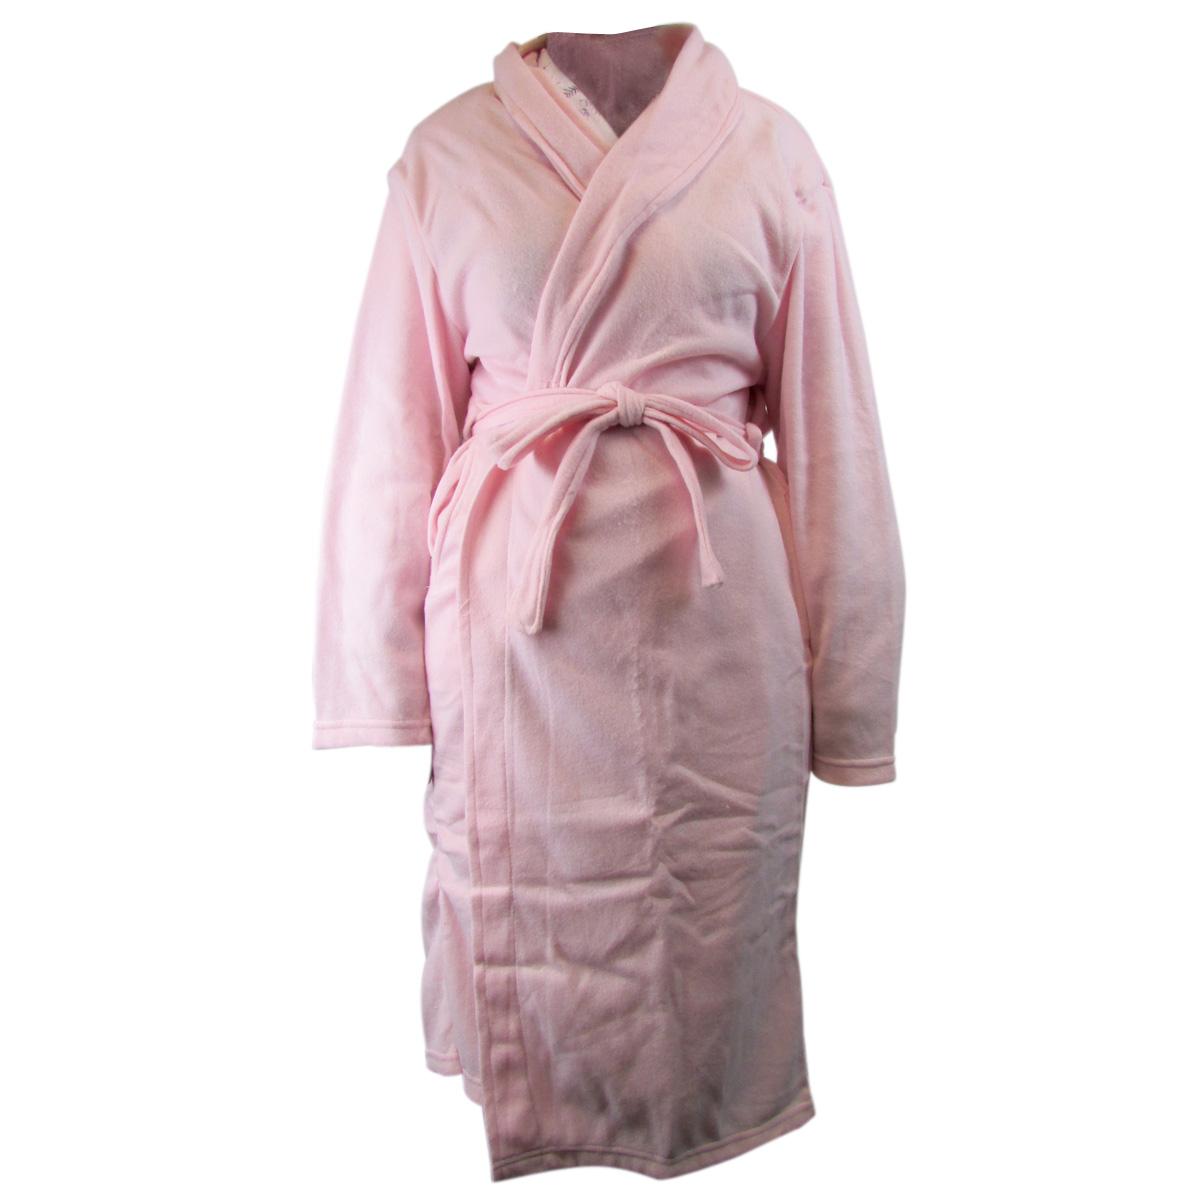 femmes supersoft robe de chambre polaire peignoir bain doux taille unique ebay. Black Bedroom Furniture Sets. Home Design Ideas